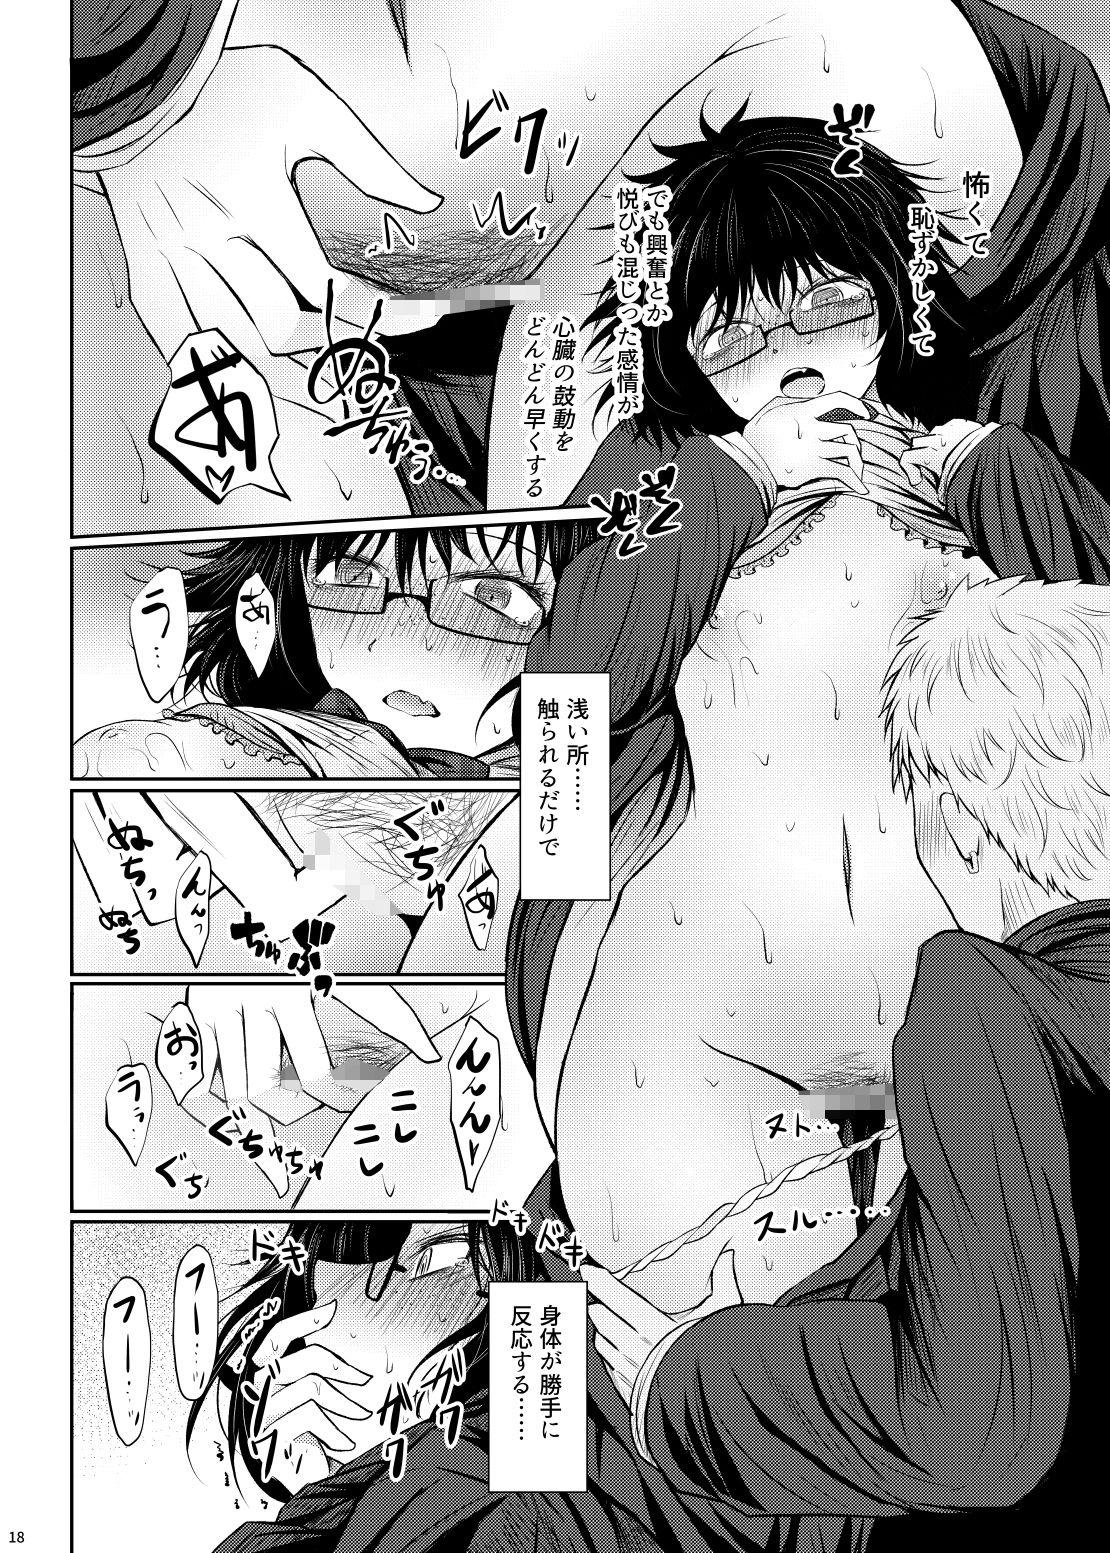 【あんこ】比間奈さんは身体で支払うようです【R-18】 画像